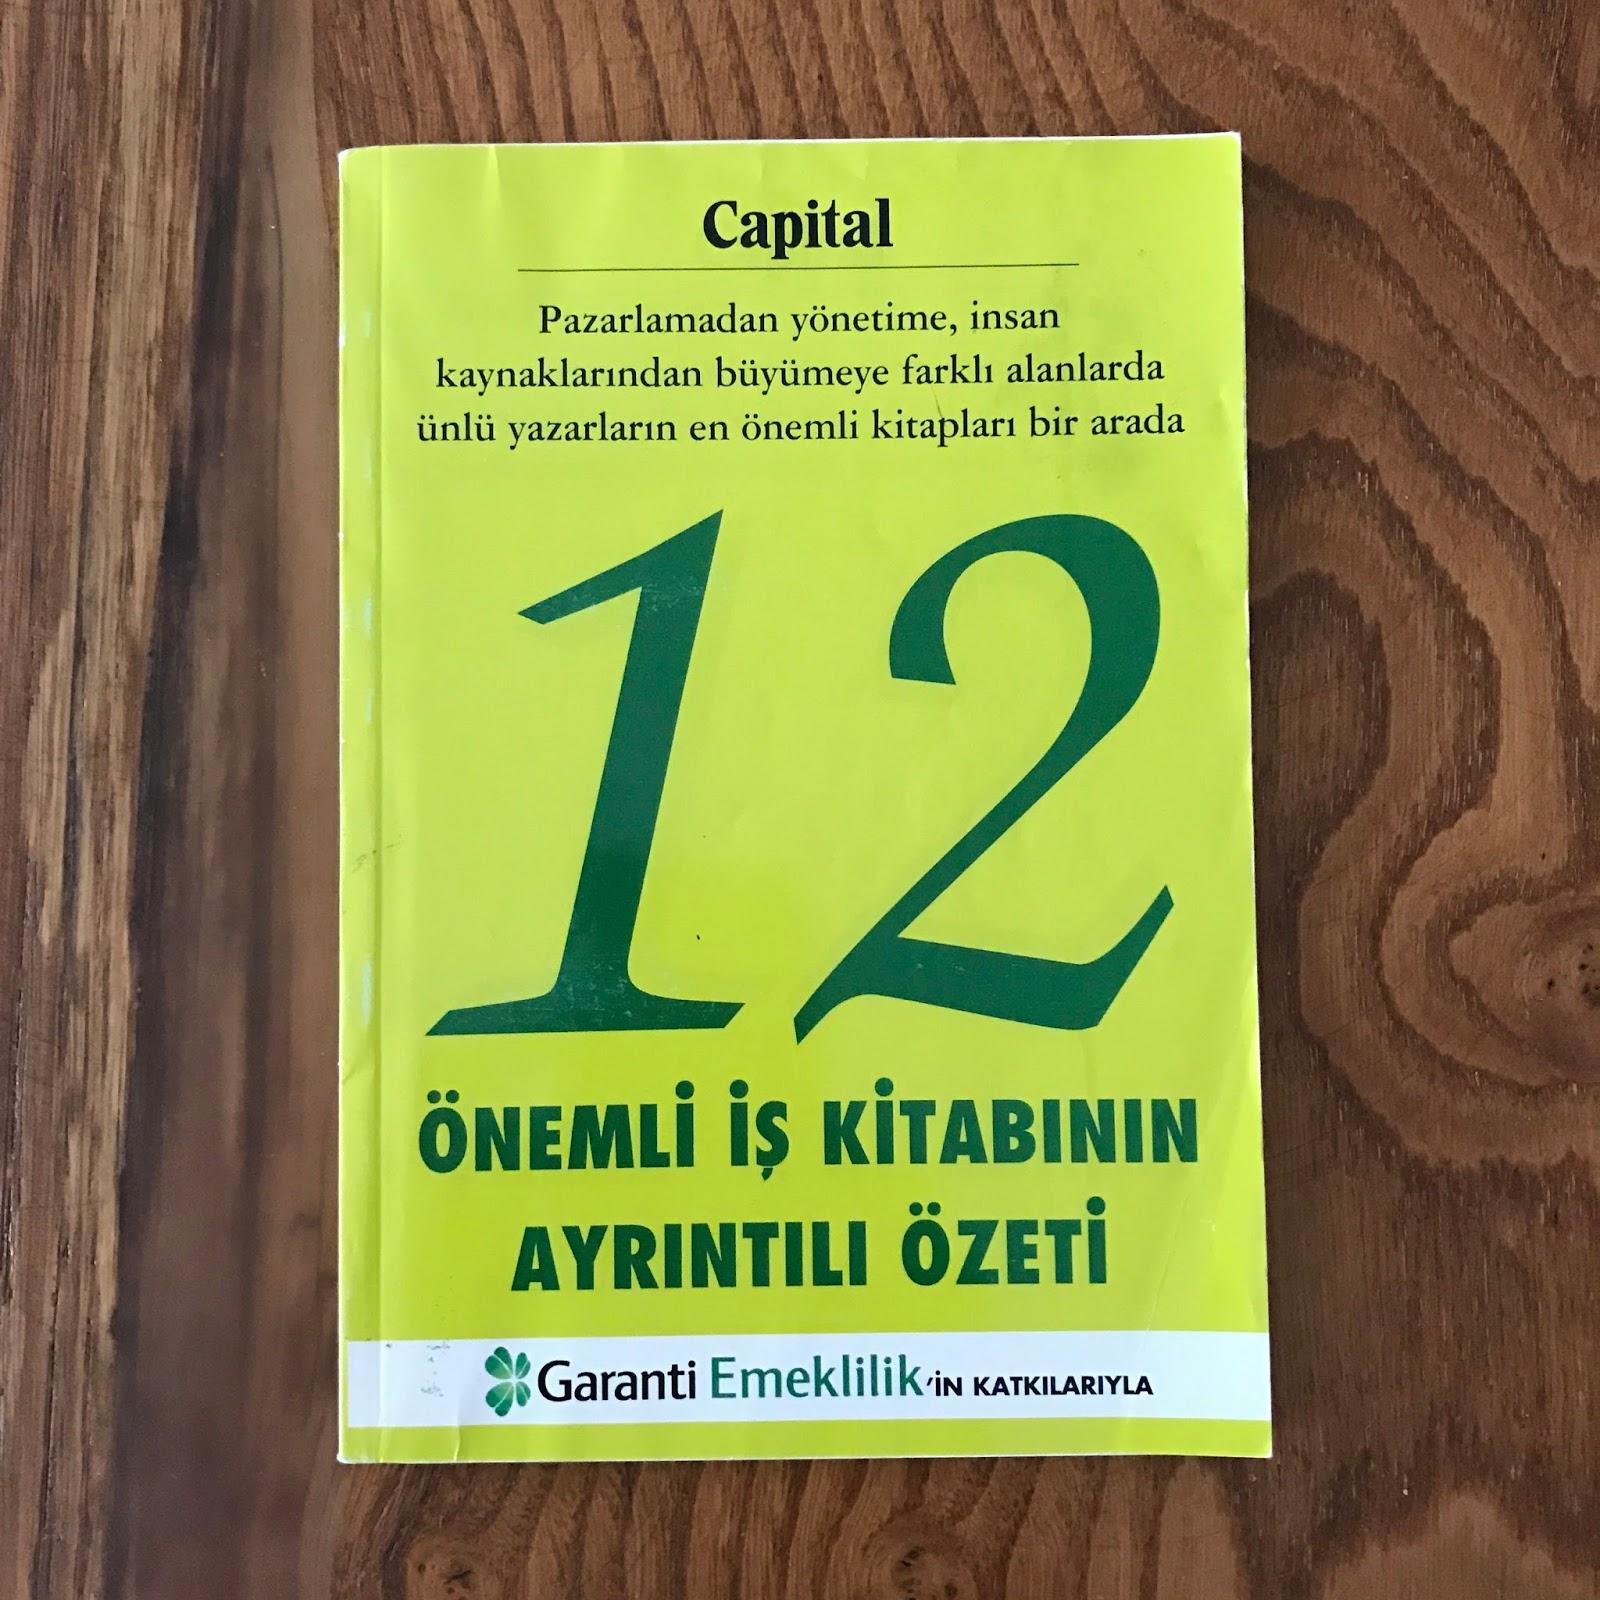 12 Onemli Is Kitabinin Ayrintili Ozeti